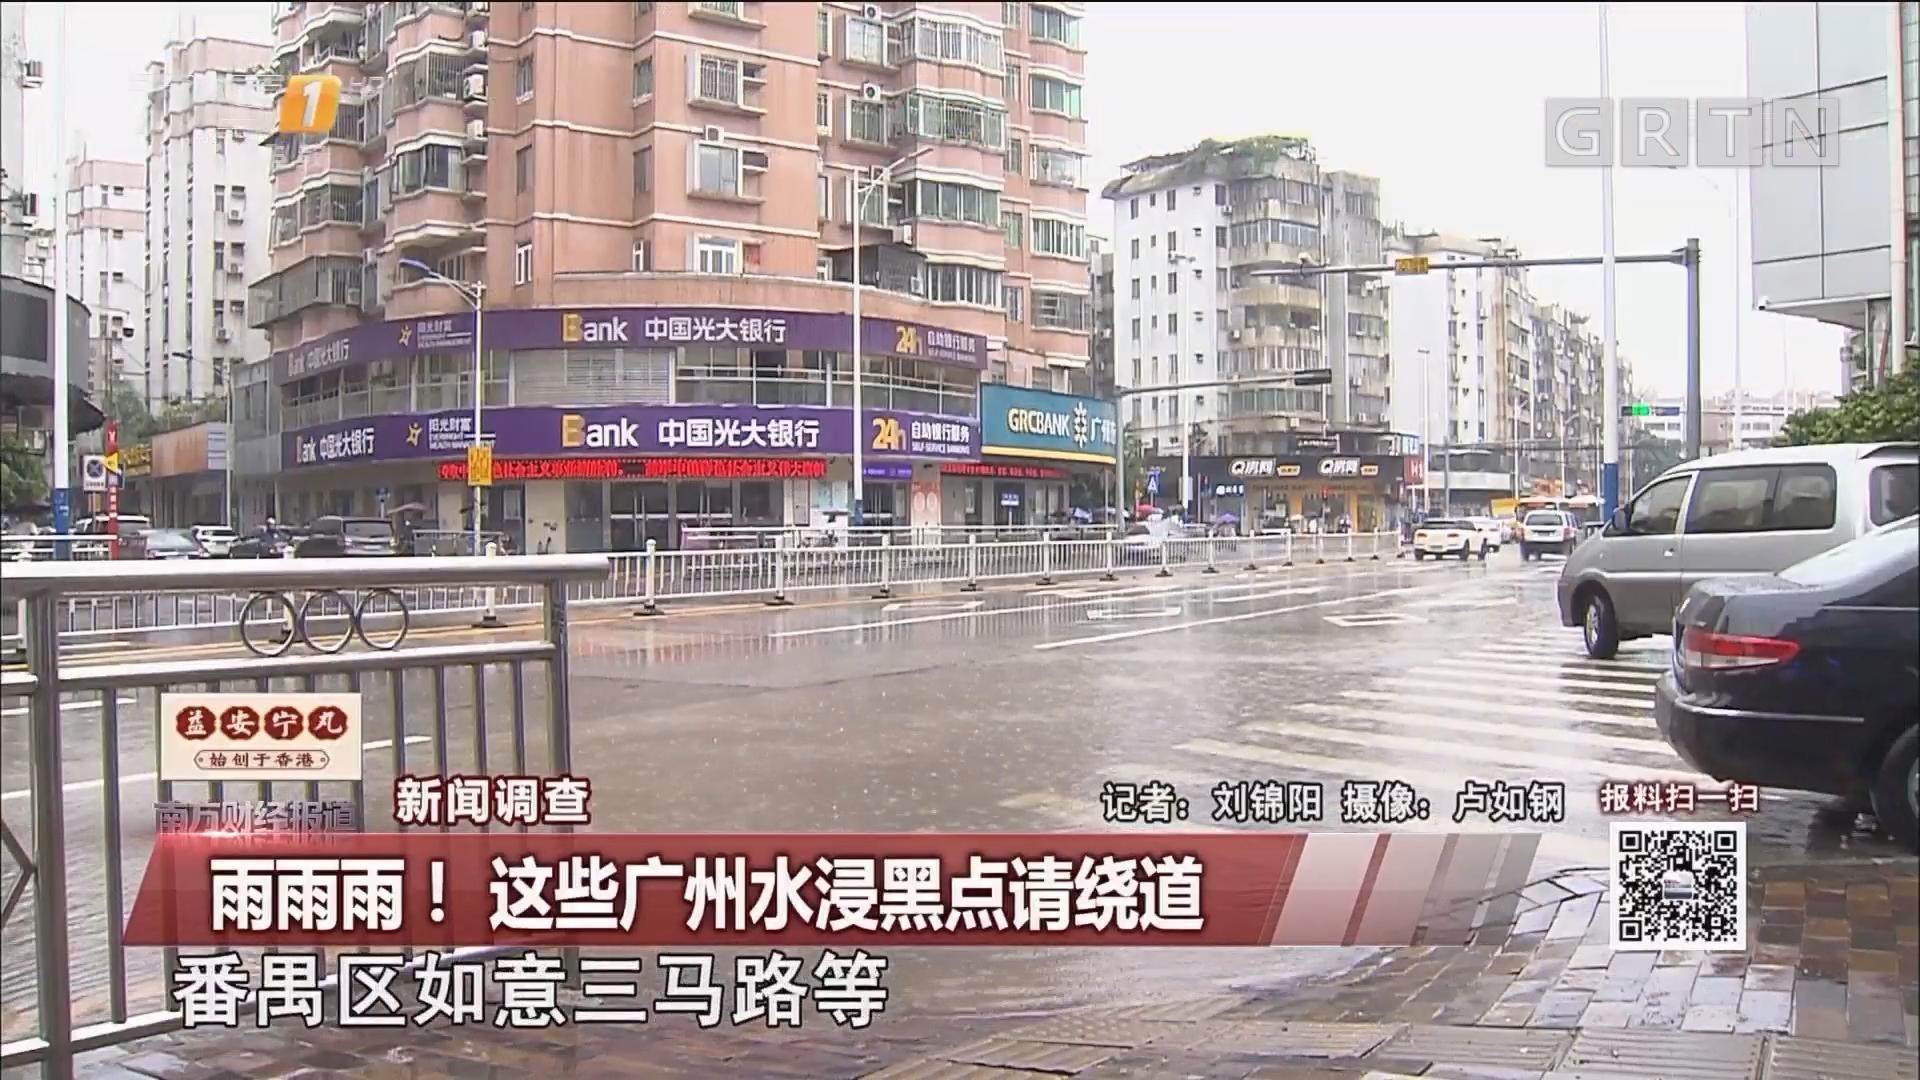 雨雨雨!这些广州水浸黑点请绕道